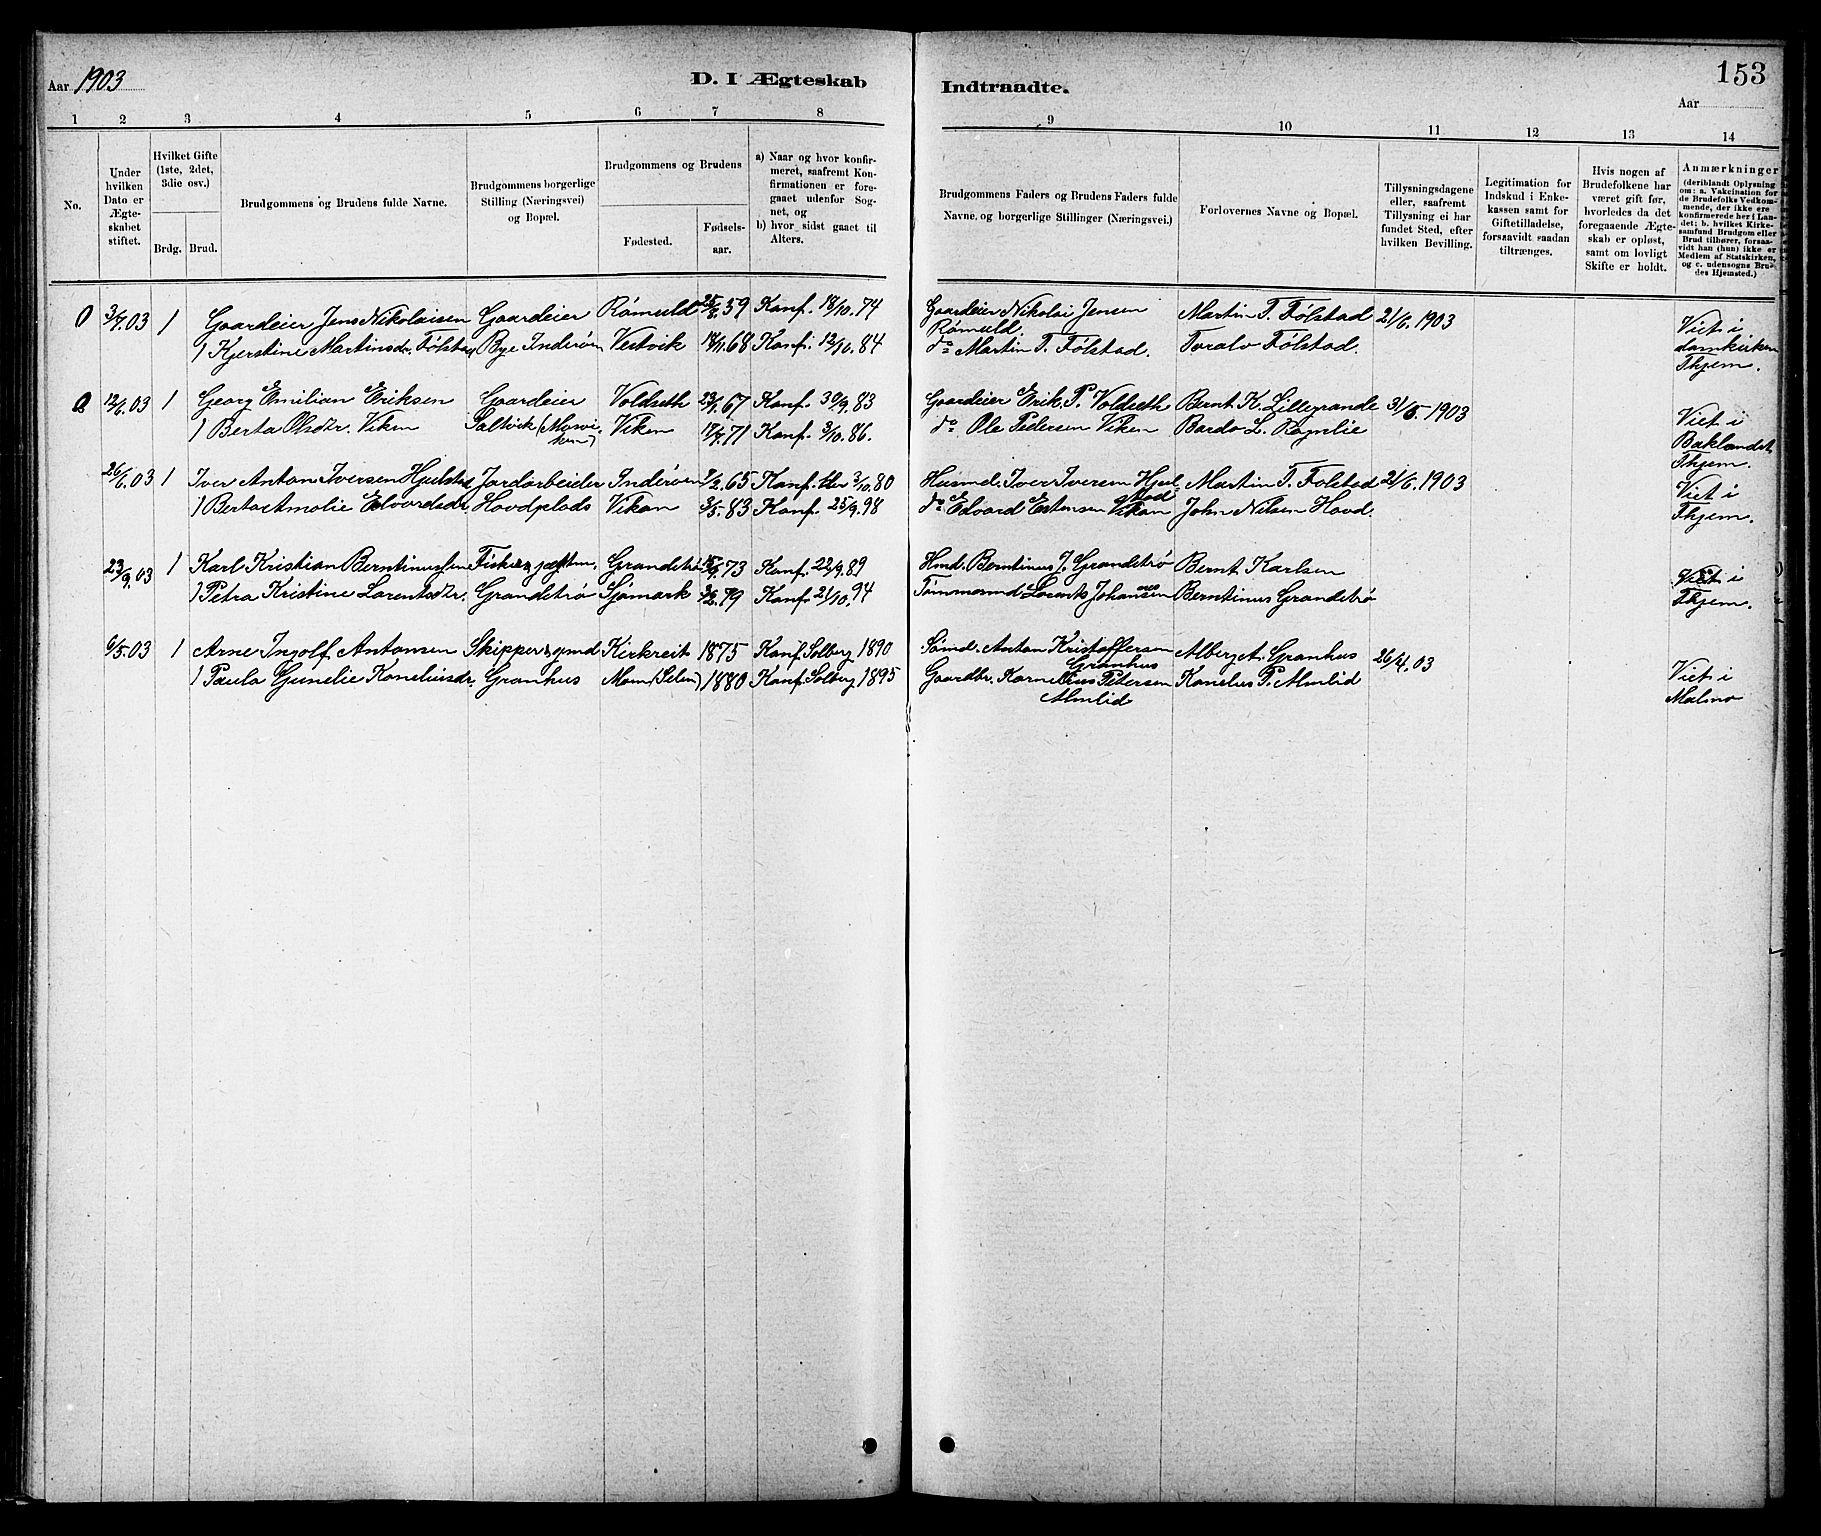 SAT, Ministerialprotokoller, klokkerbøker og fødselsregistre - Nord-Trøndelag, 744/L0423: Klokkerbok nr. 744C02, 1886-1905, s. 153